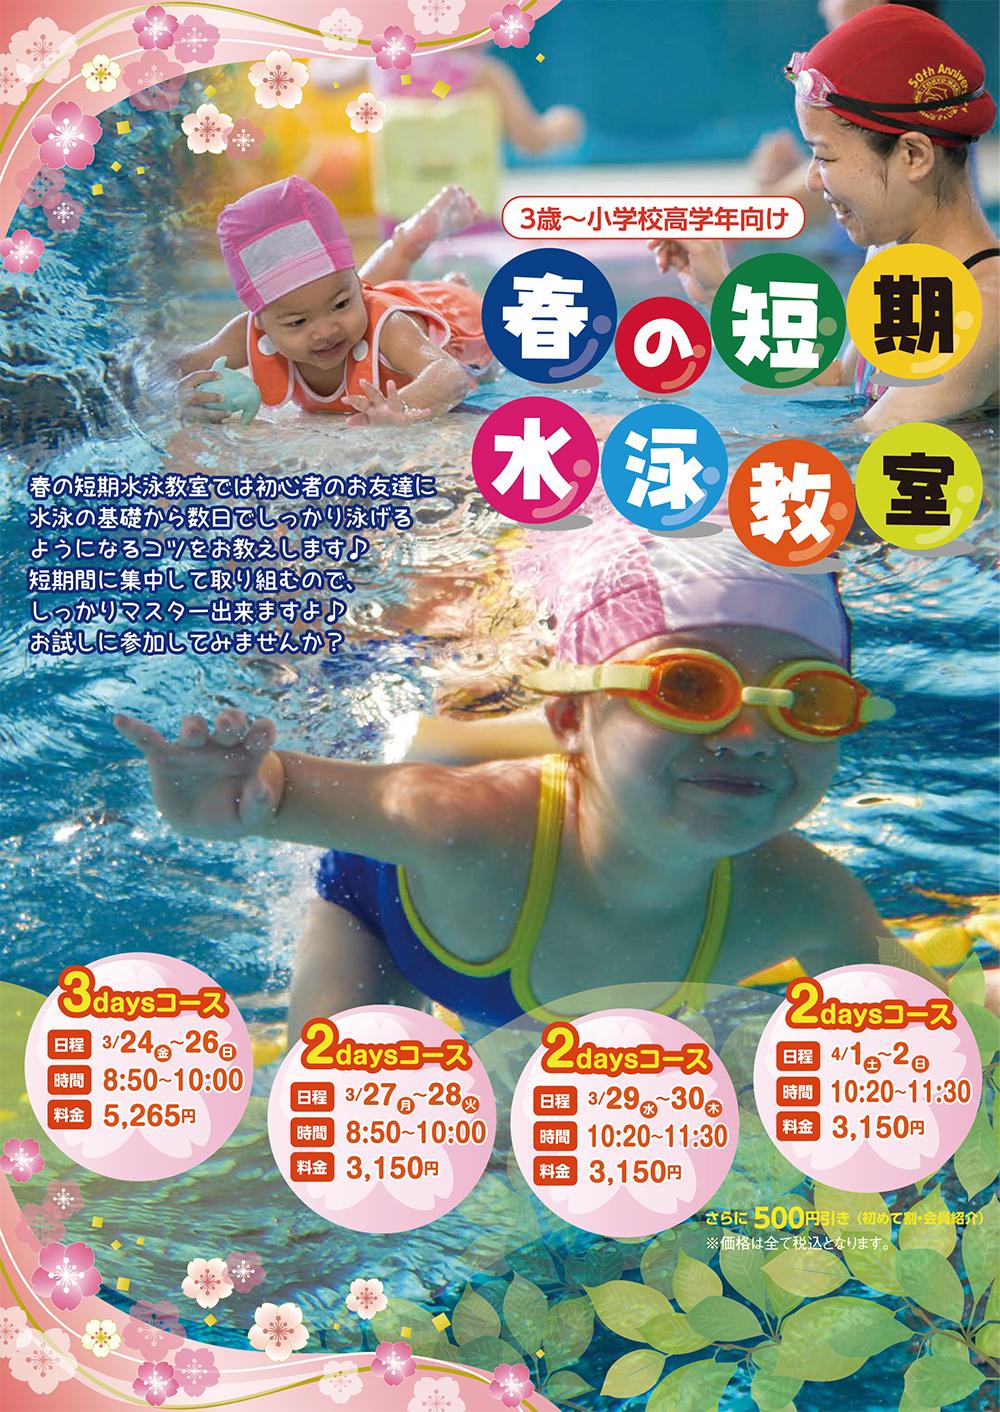 『春休み短期水泳教室』受付募集中!! 開催期間:2017年3月24日(金)〜2017年4月2日(日) (募集は終了いたしました。)